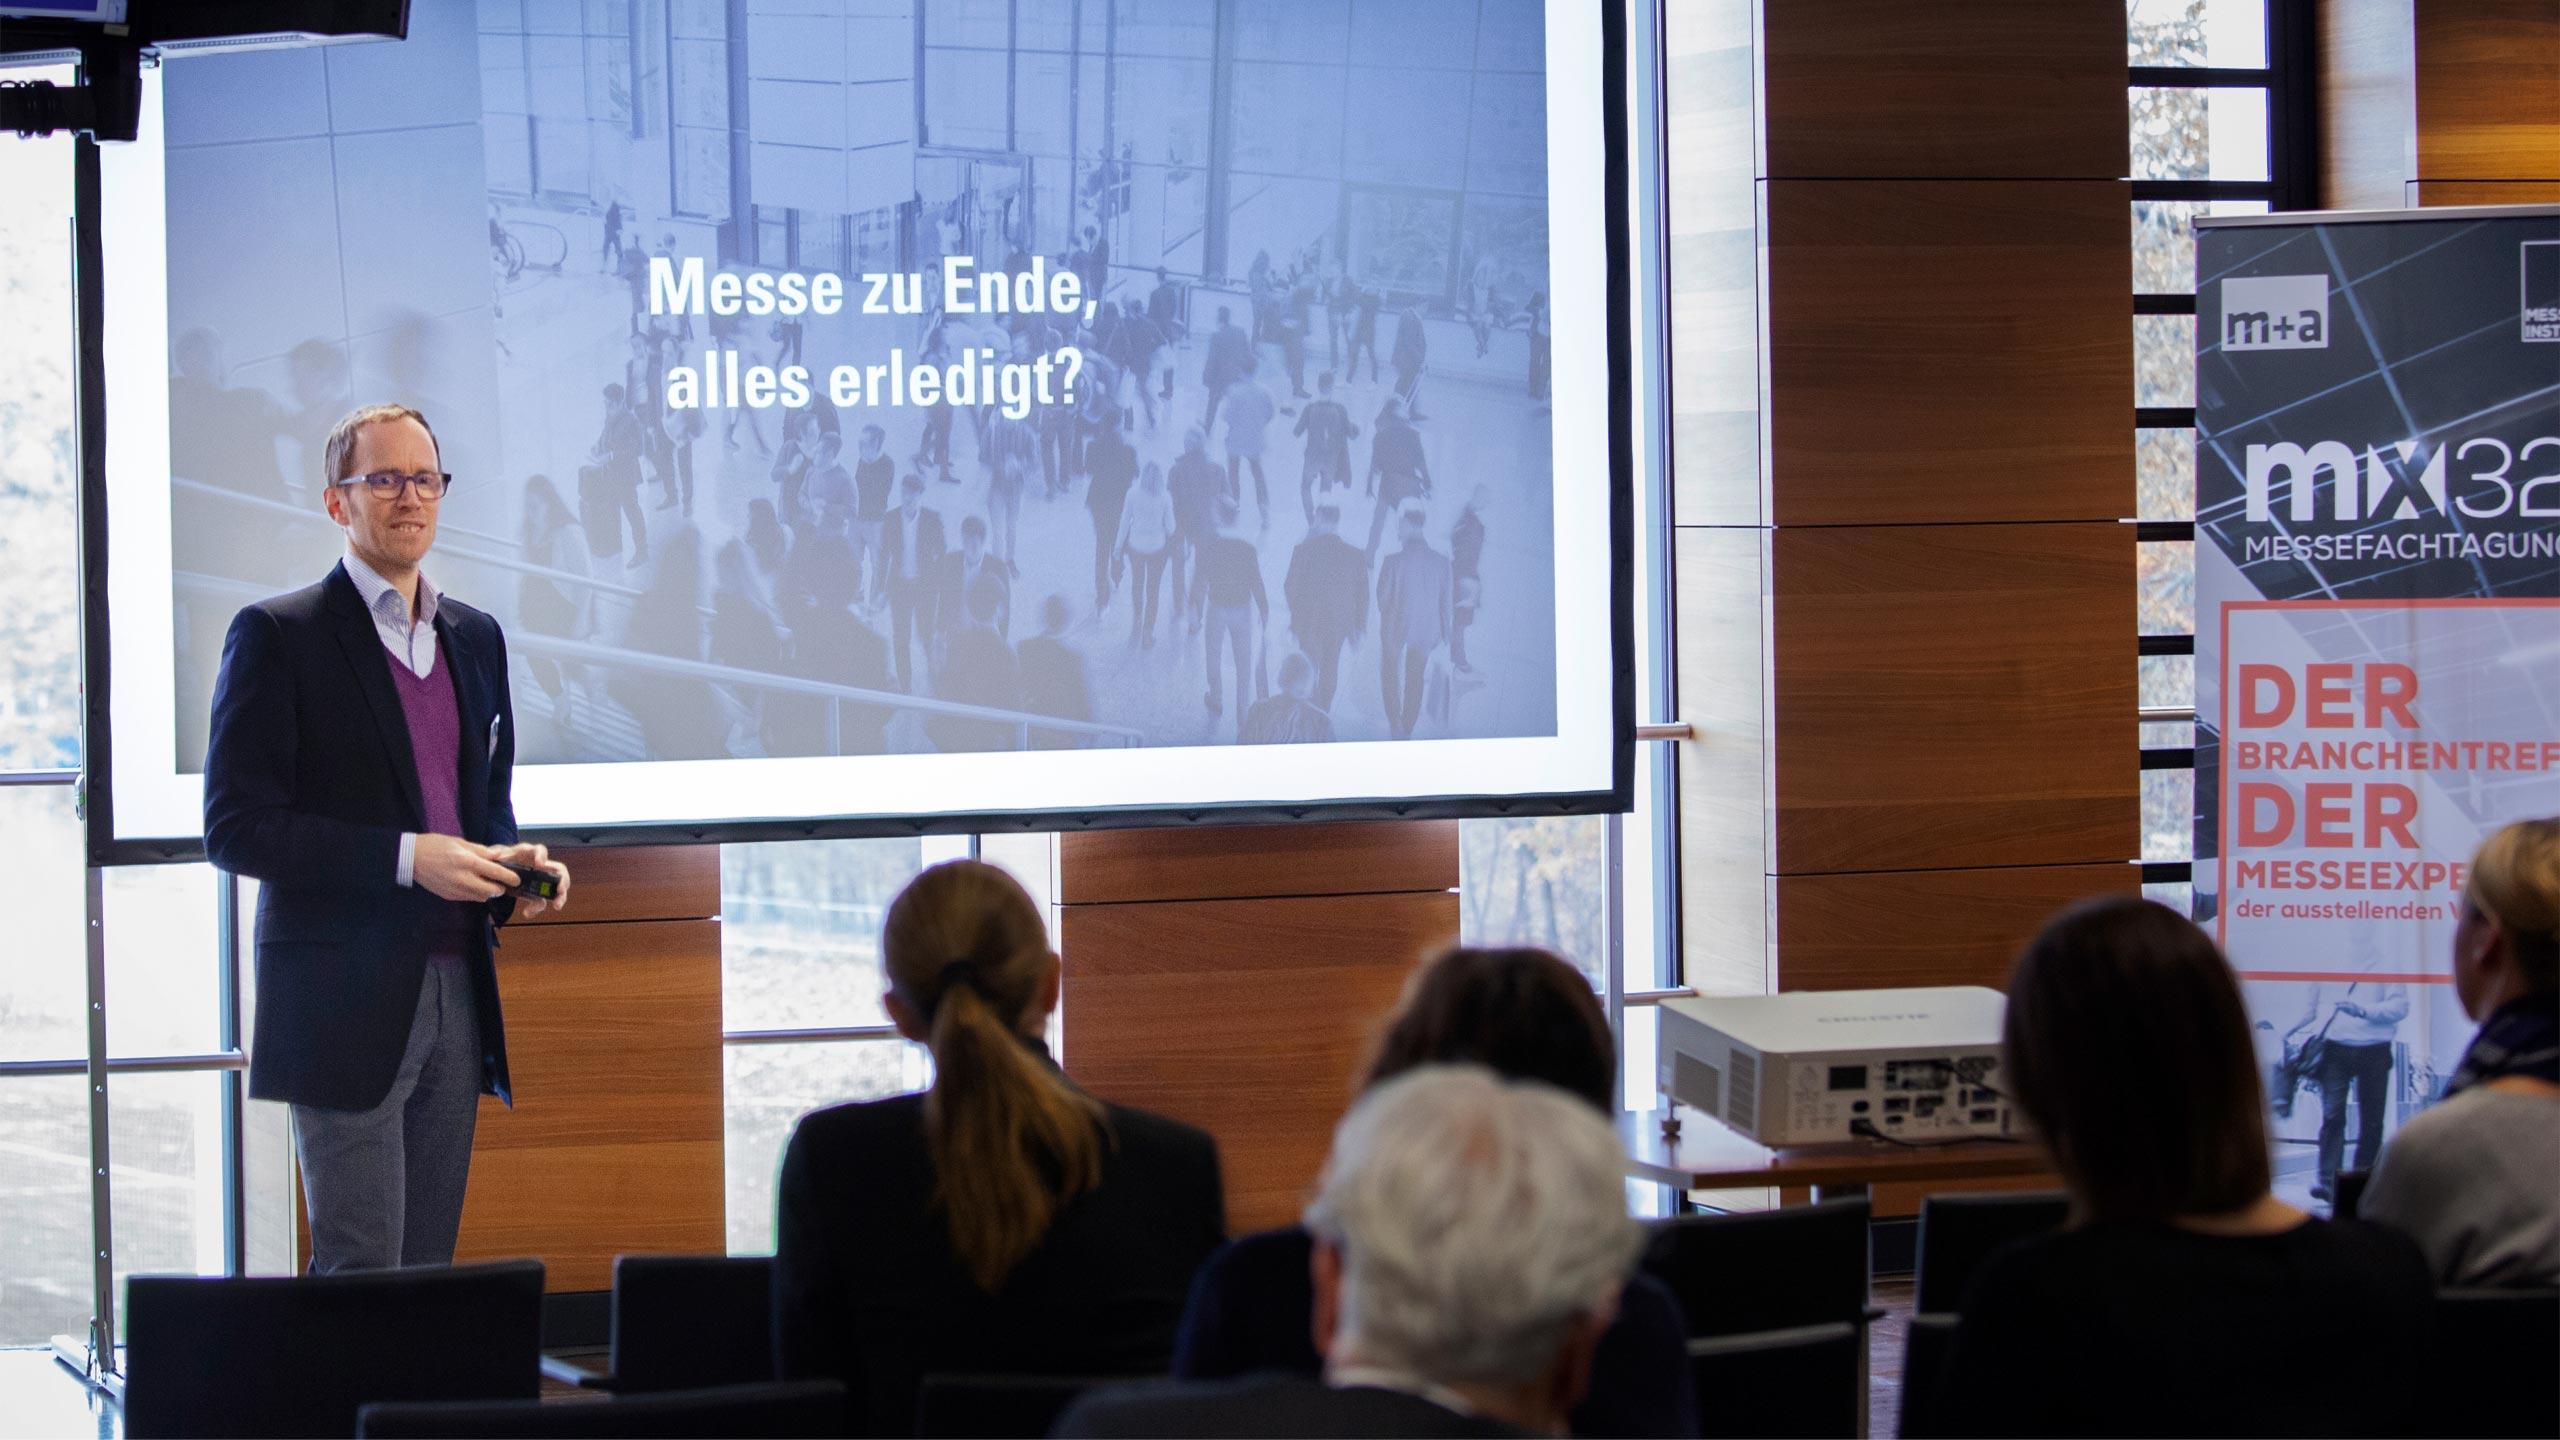 Vortrag auf der Messefachtagung MX32